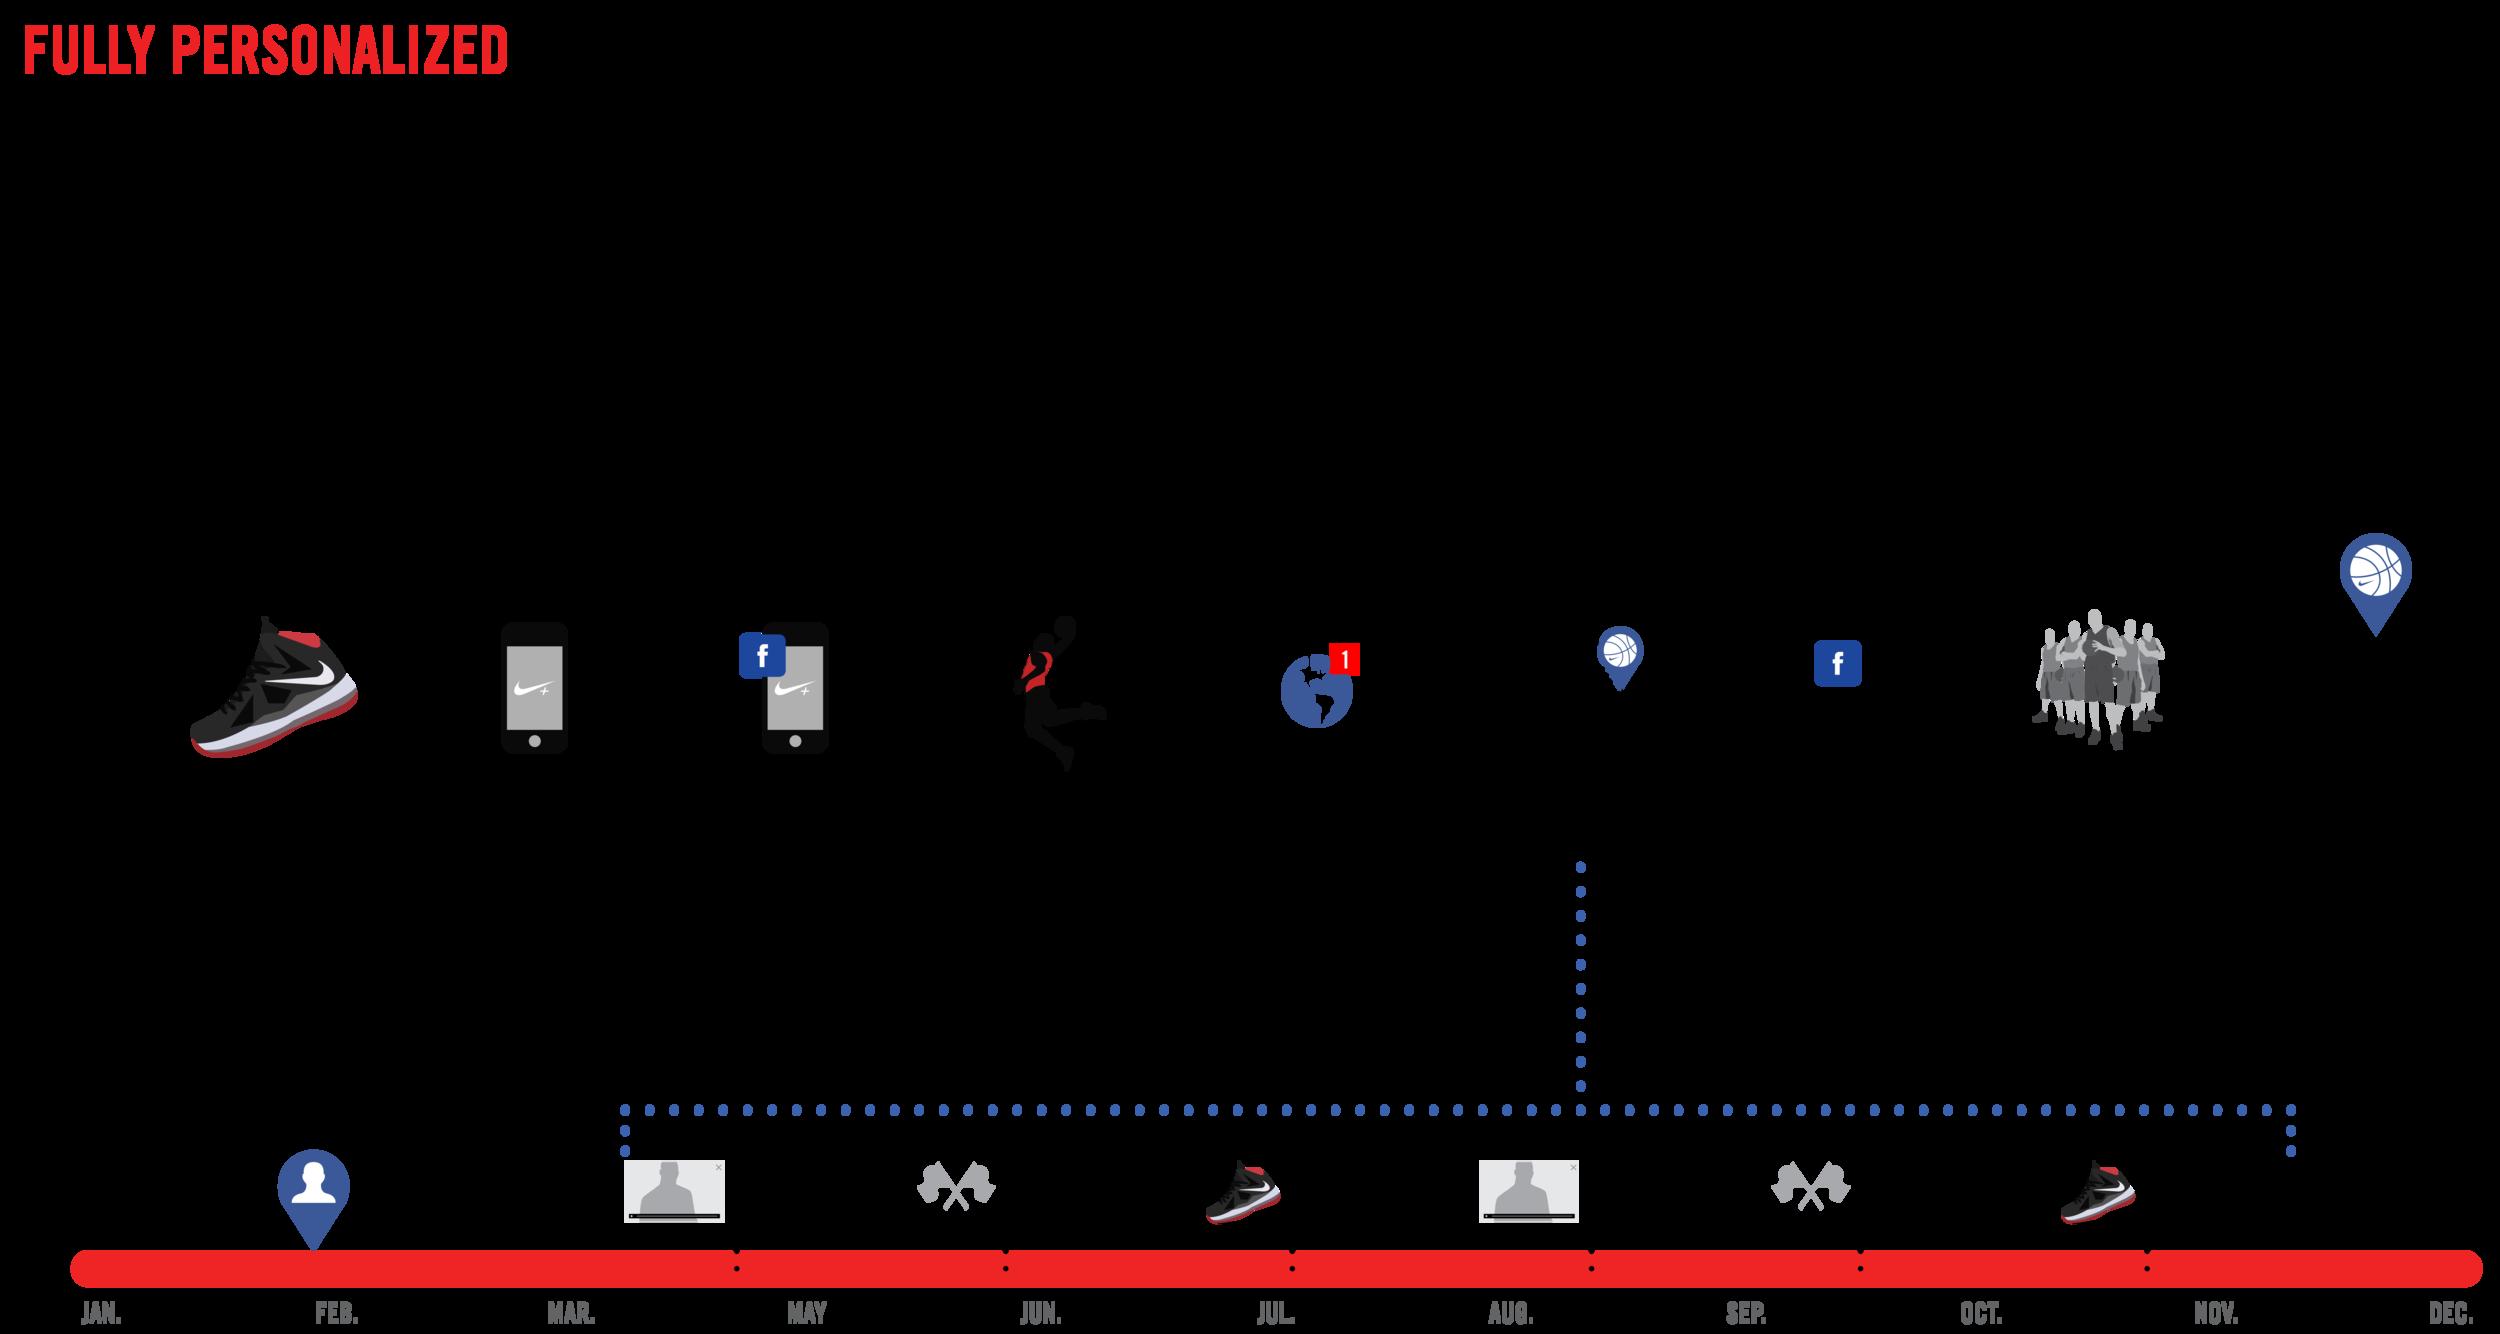 User_Flow_1-1.png